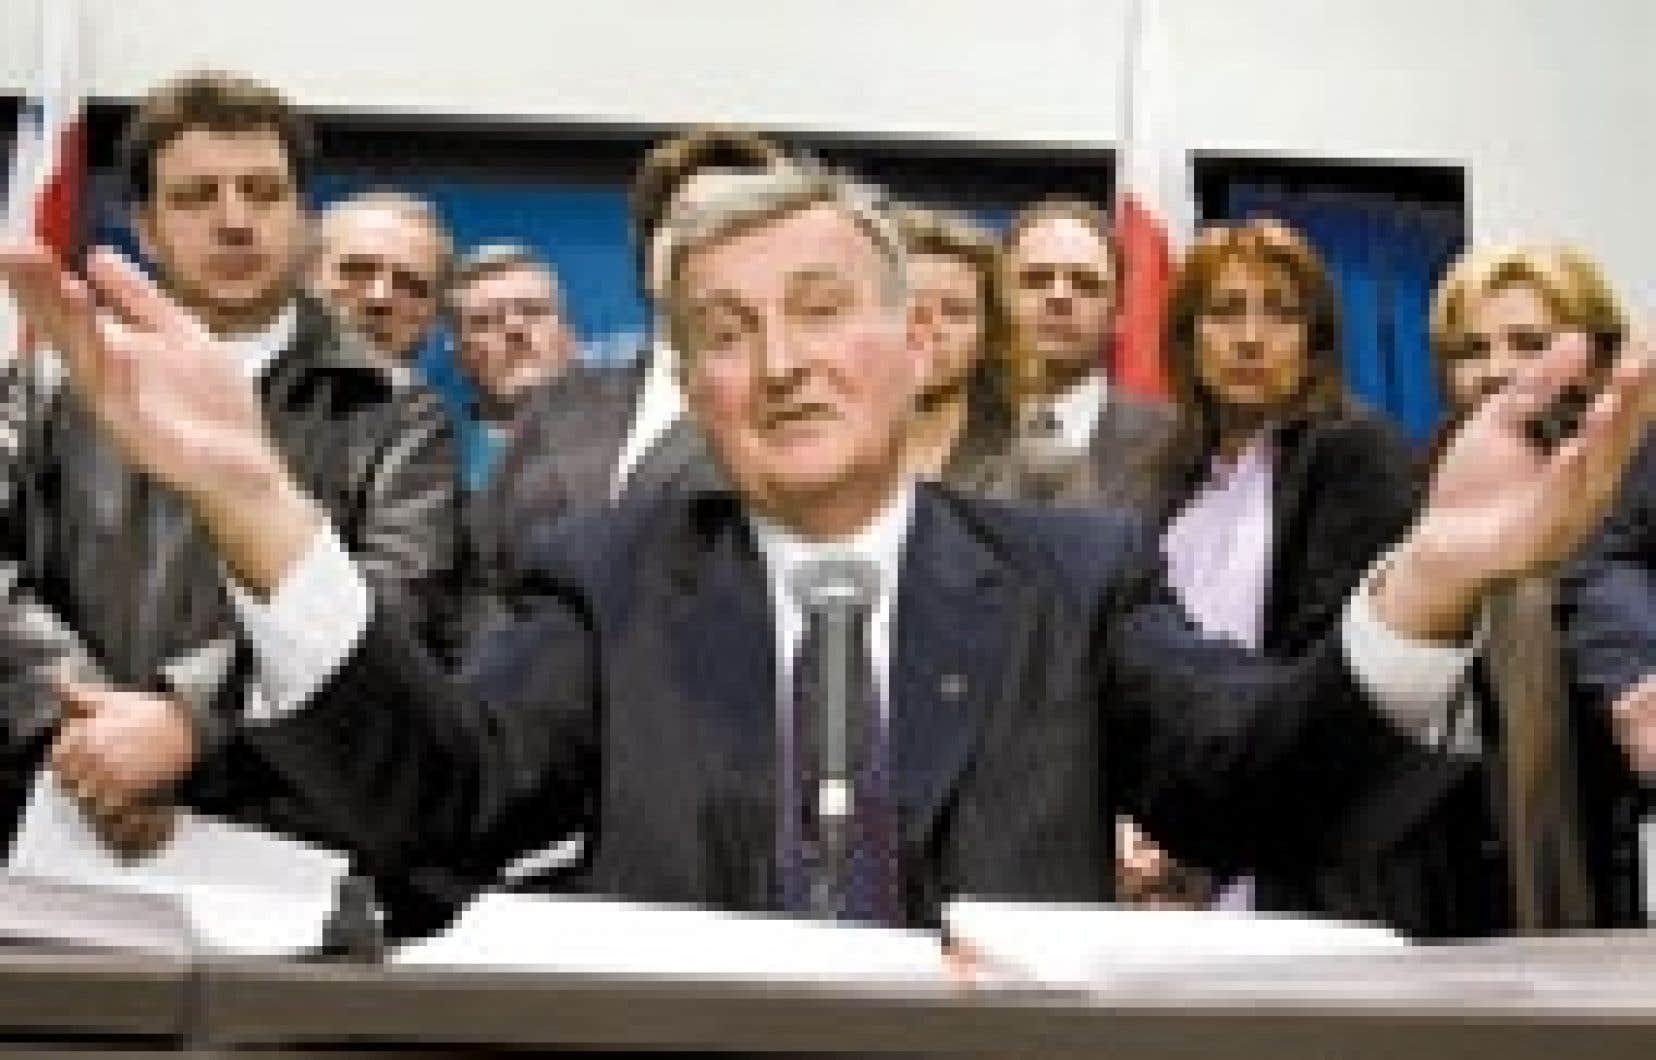 Pierre Bourque ne remet pas en question le résultat global du scrutin à Montréal, ce qui ne l'a pas empêché d'annoncer en conférence de presse, hier matin, son intention de réclamer un dépouillement judiciaire général.